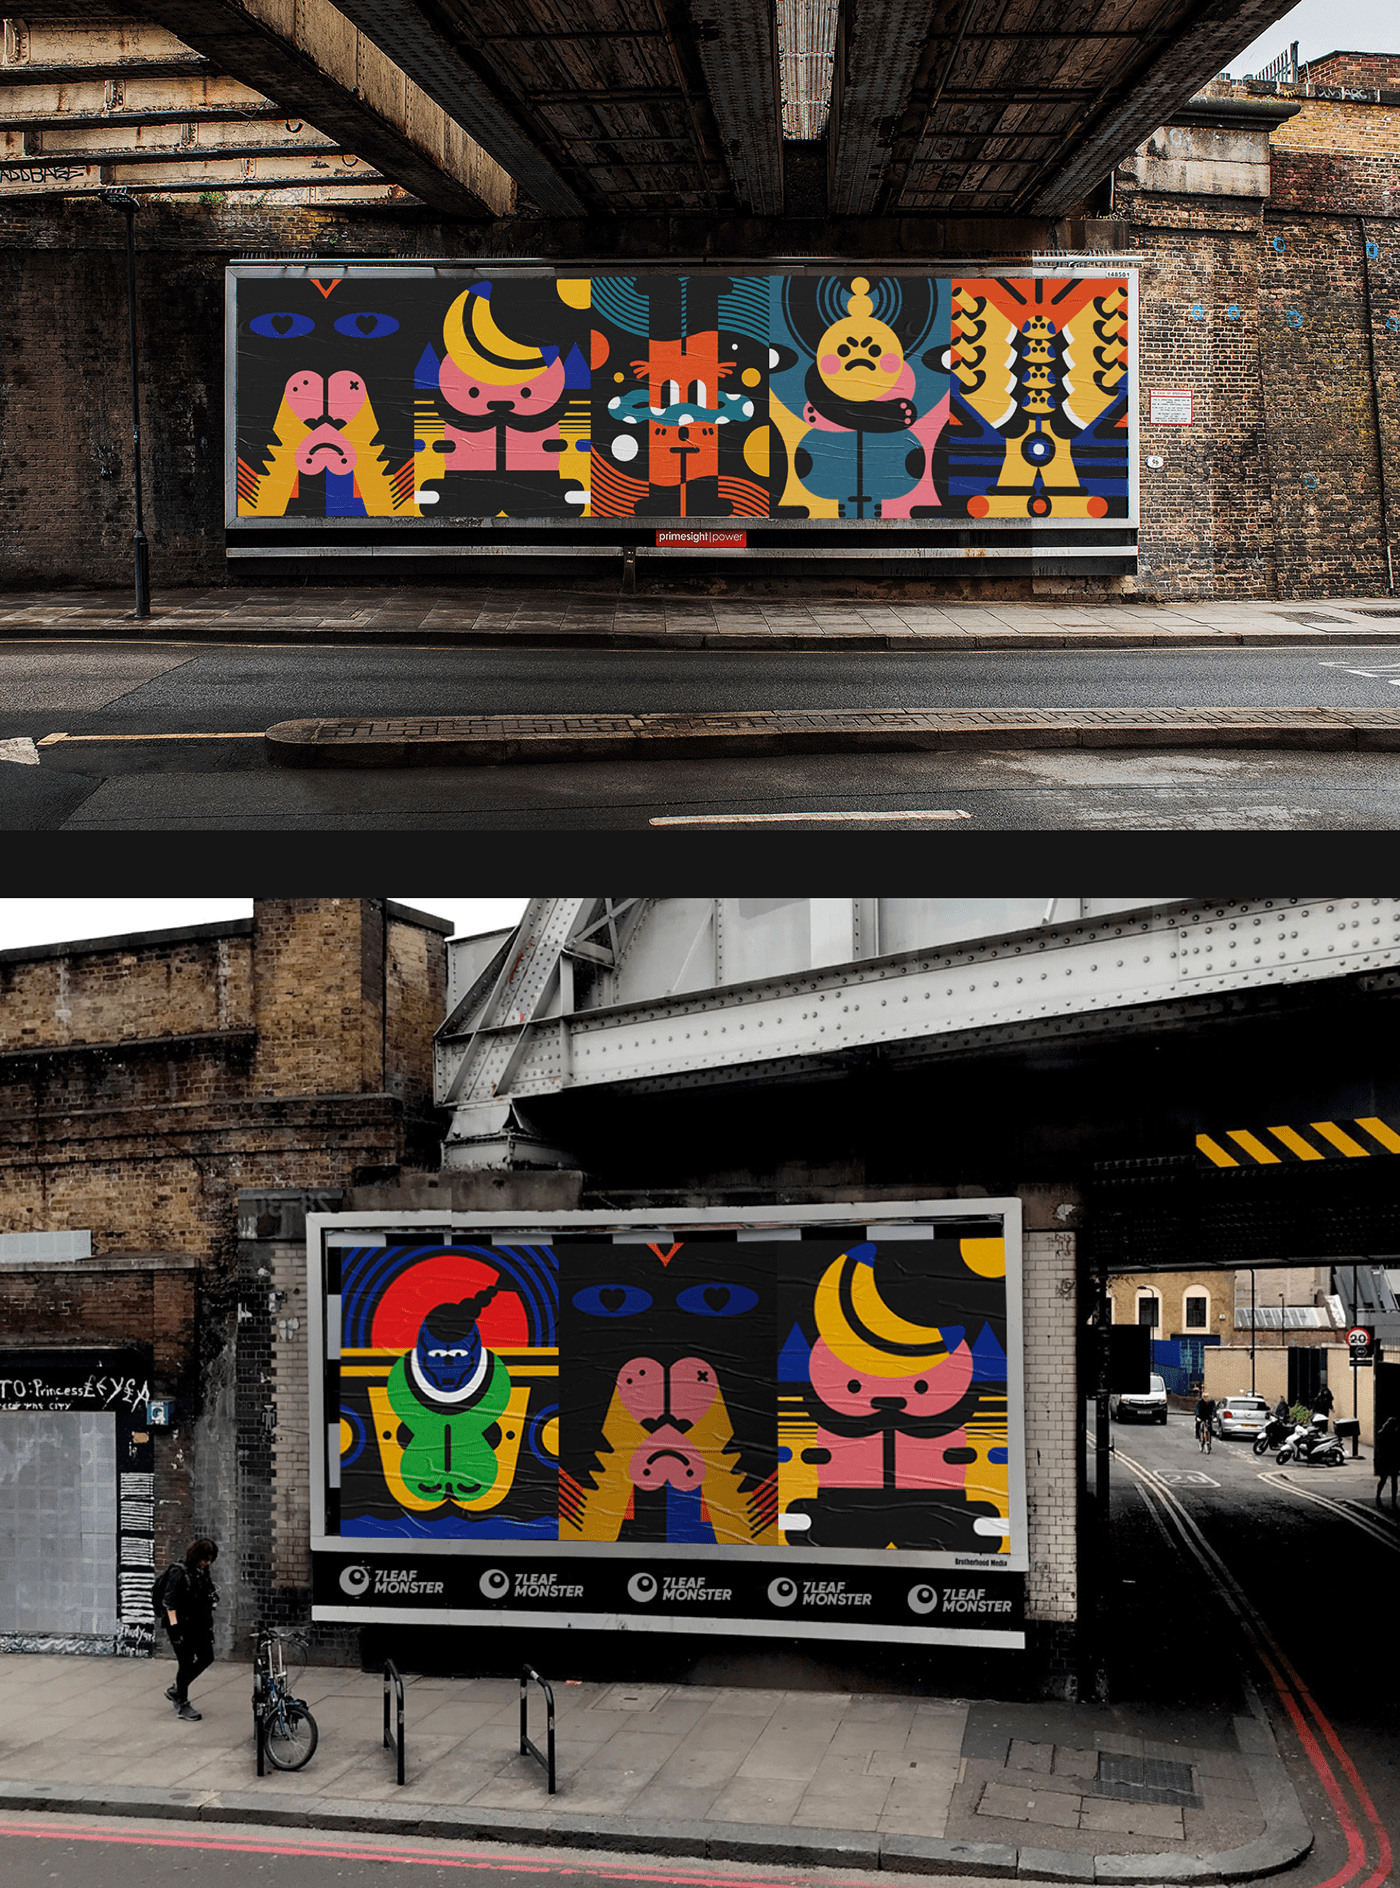 Image may contain: graffiti, cartoon and painting